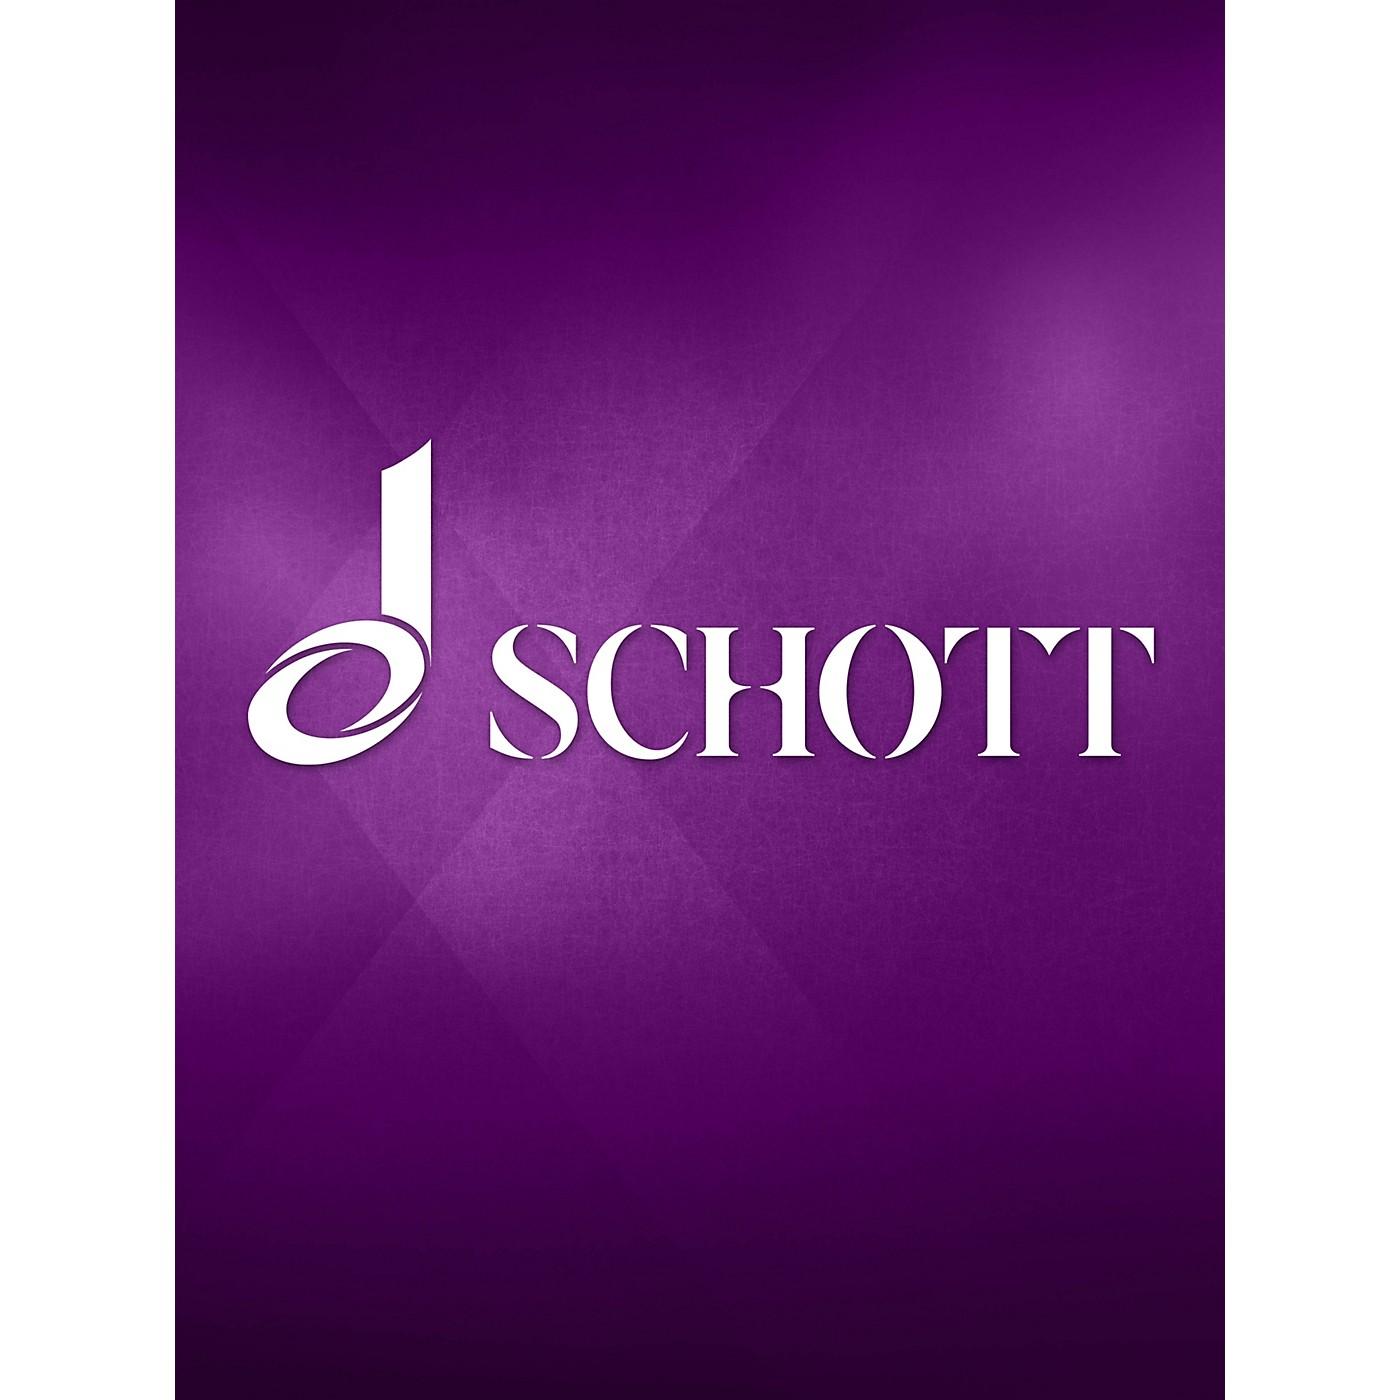 Schott Dokumentation Einer Internationalen Schott Series thumbnail